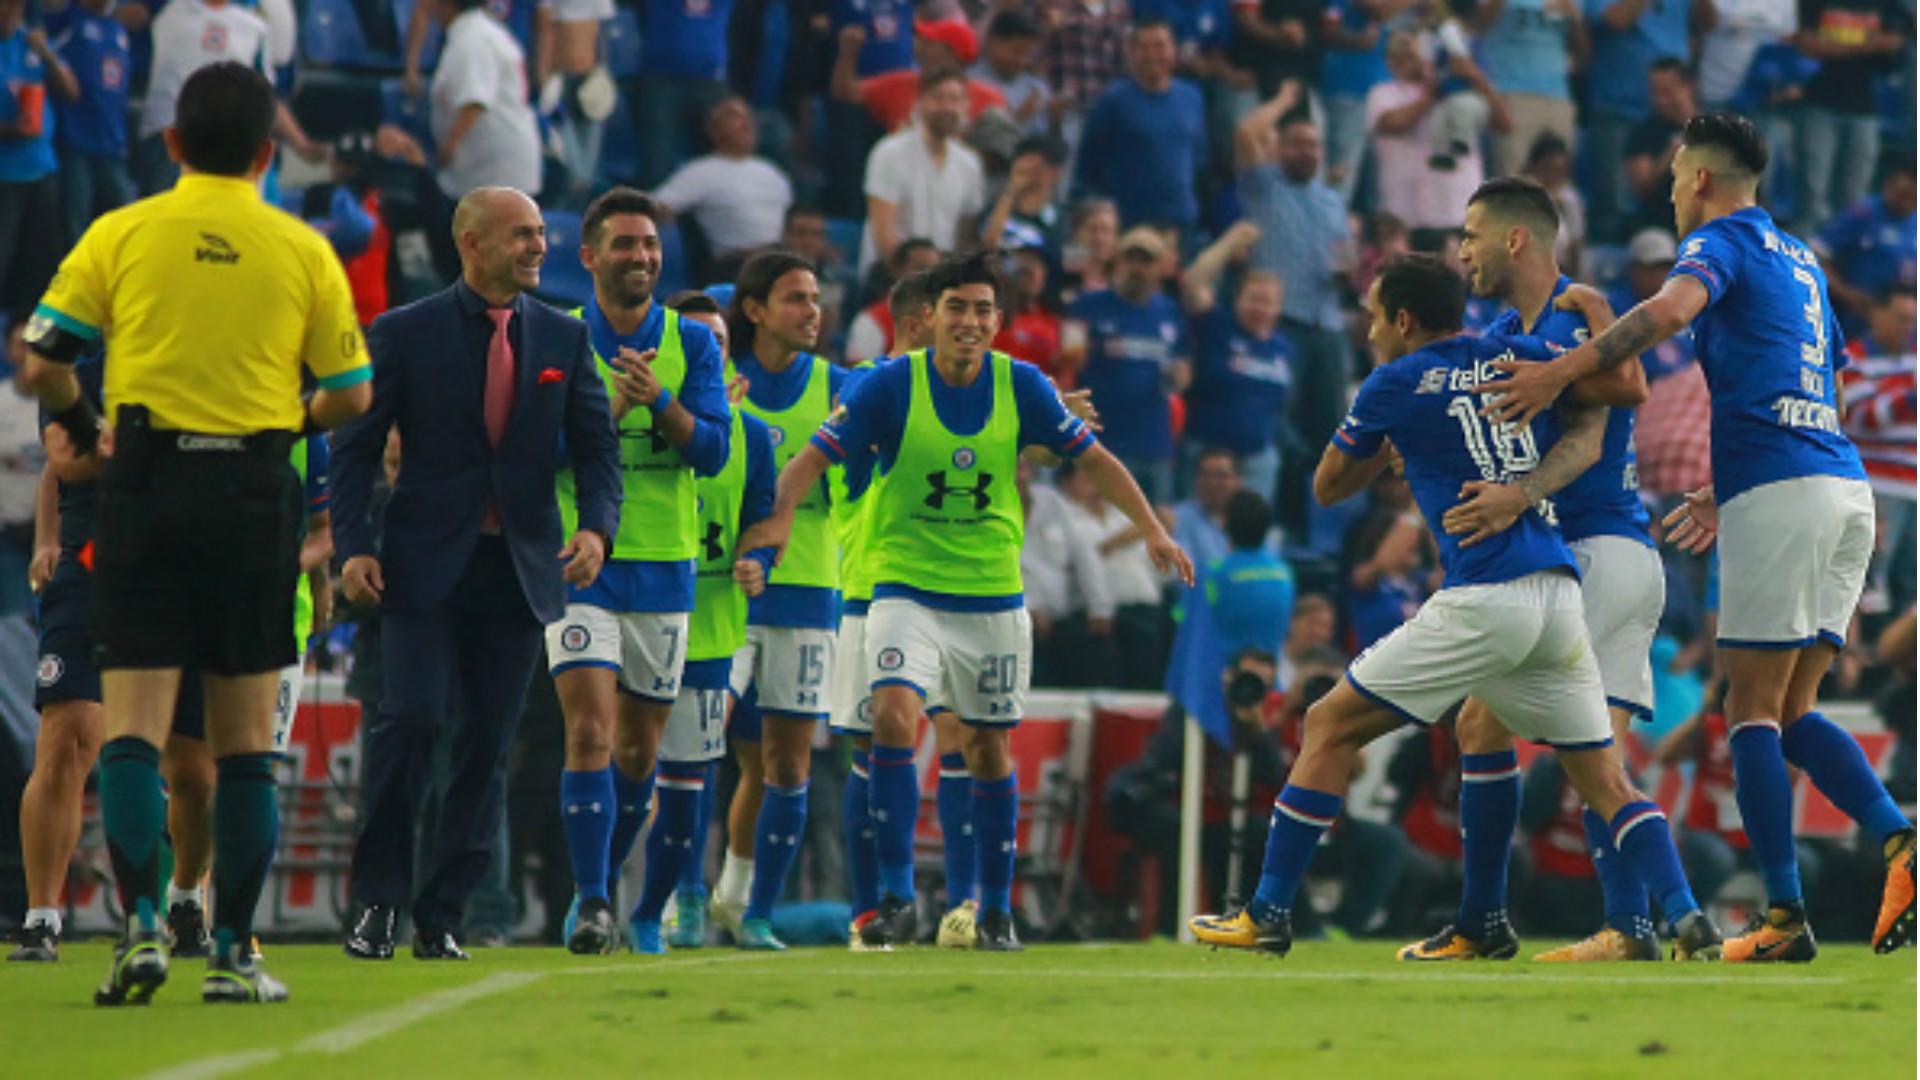 El futbolista mexicano es talentoso pero indisciplinado: Paco Jémez